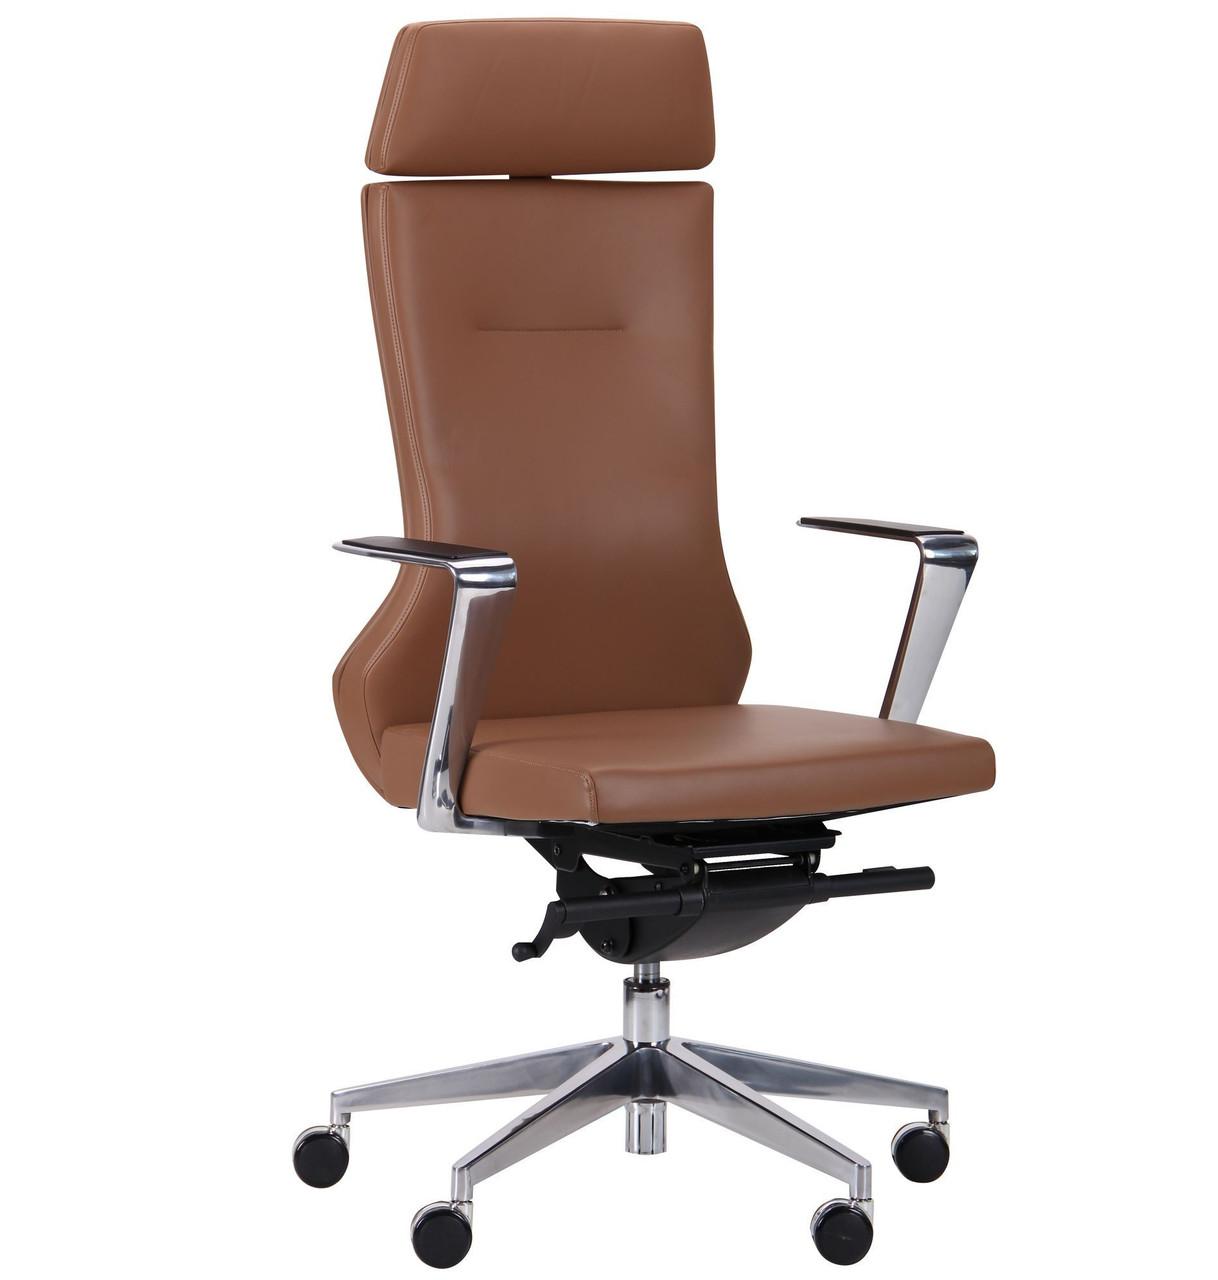 Офисное кресло Marc HB Brown Коллекция Empire, ТМ AMF